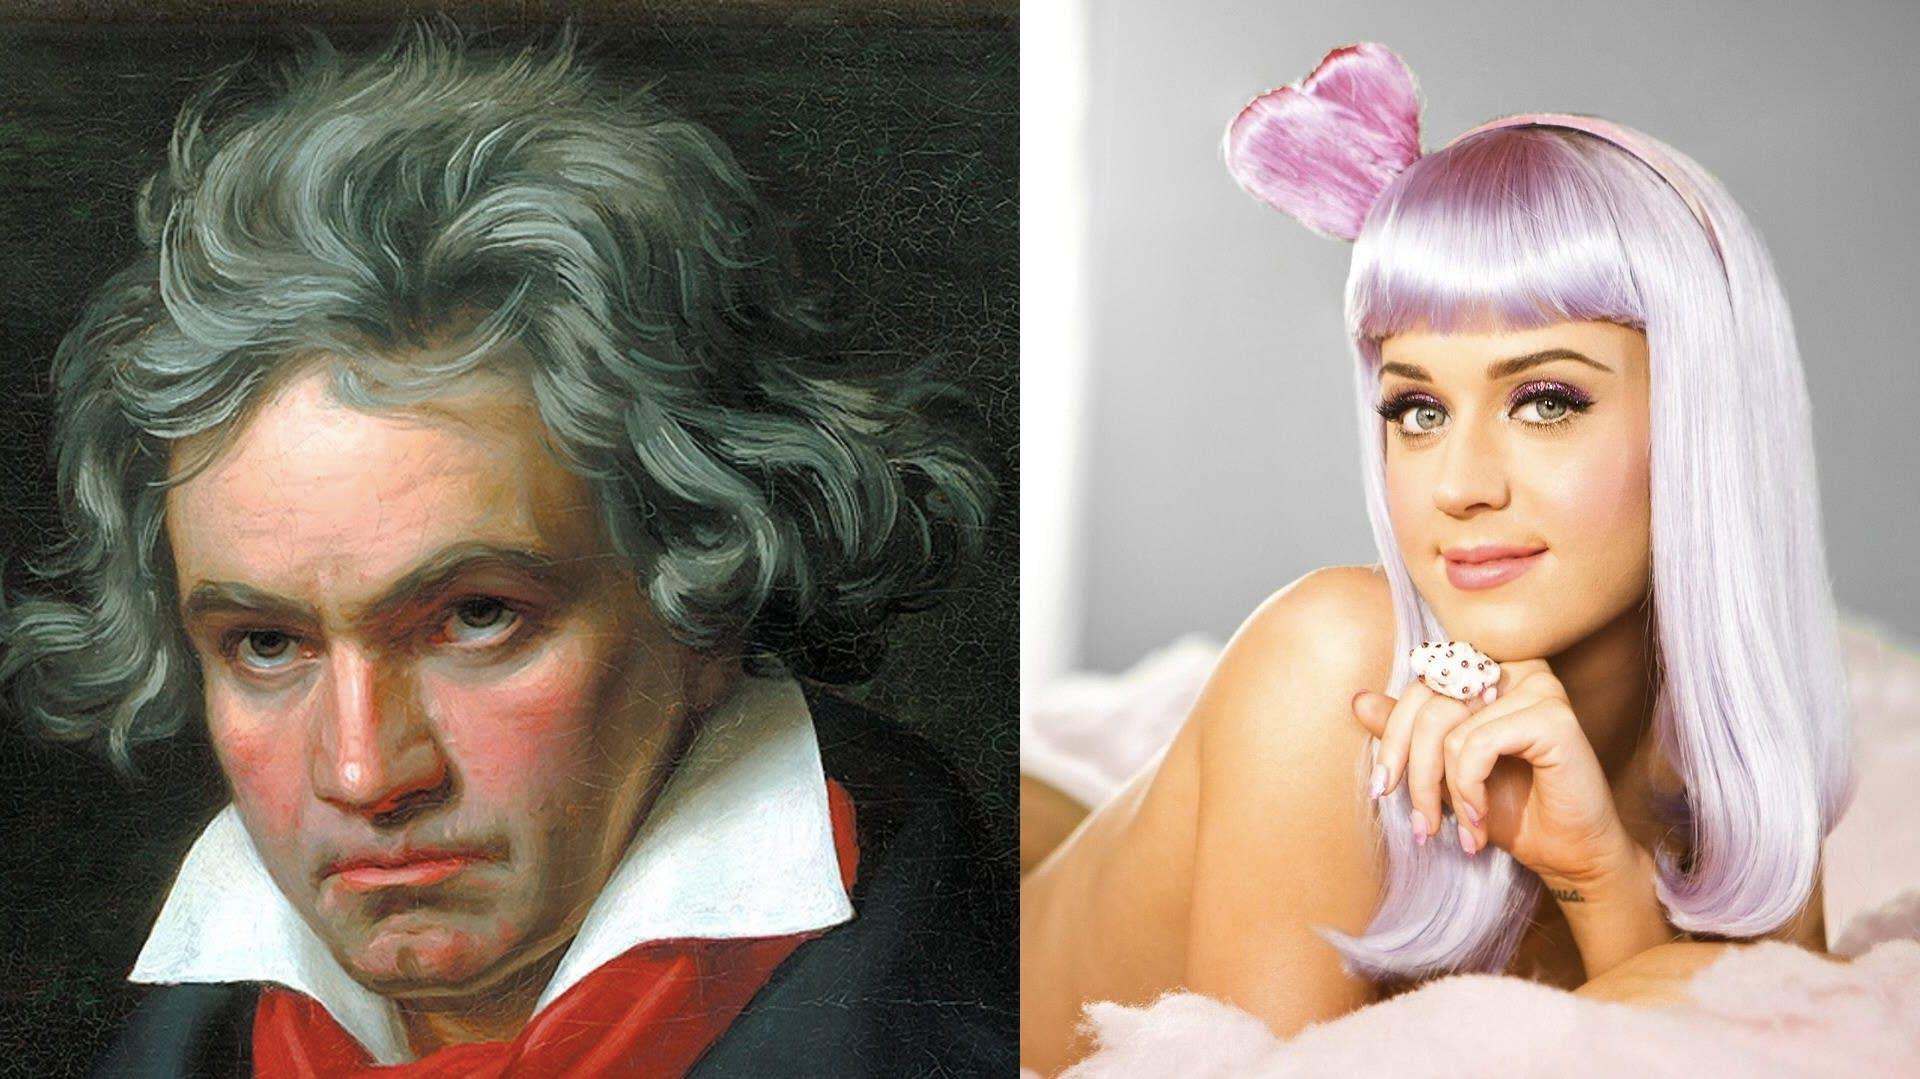 Ludwig van Beethoven and Katy Perry